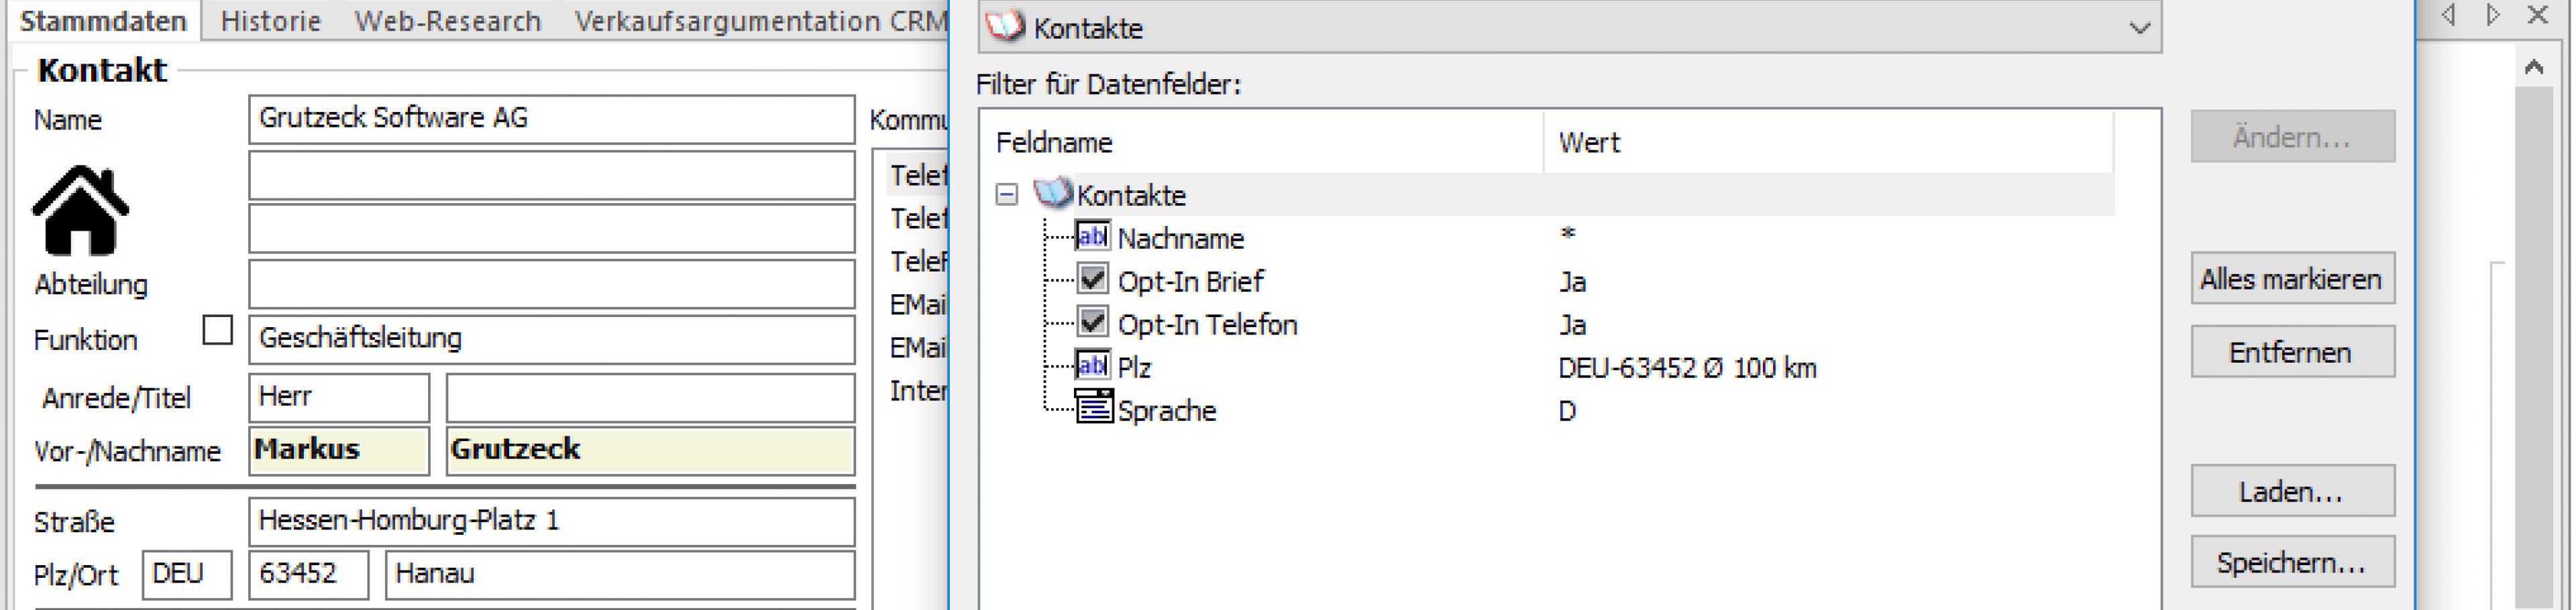 CRM Software AG-VIP: freie Filtermöglichkeiten für Zielgruppenbildung